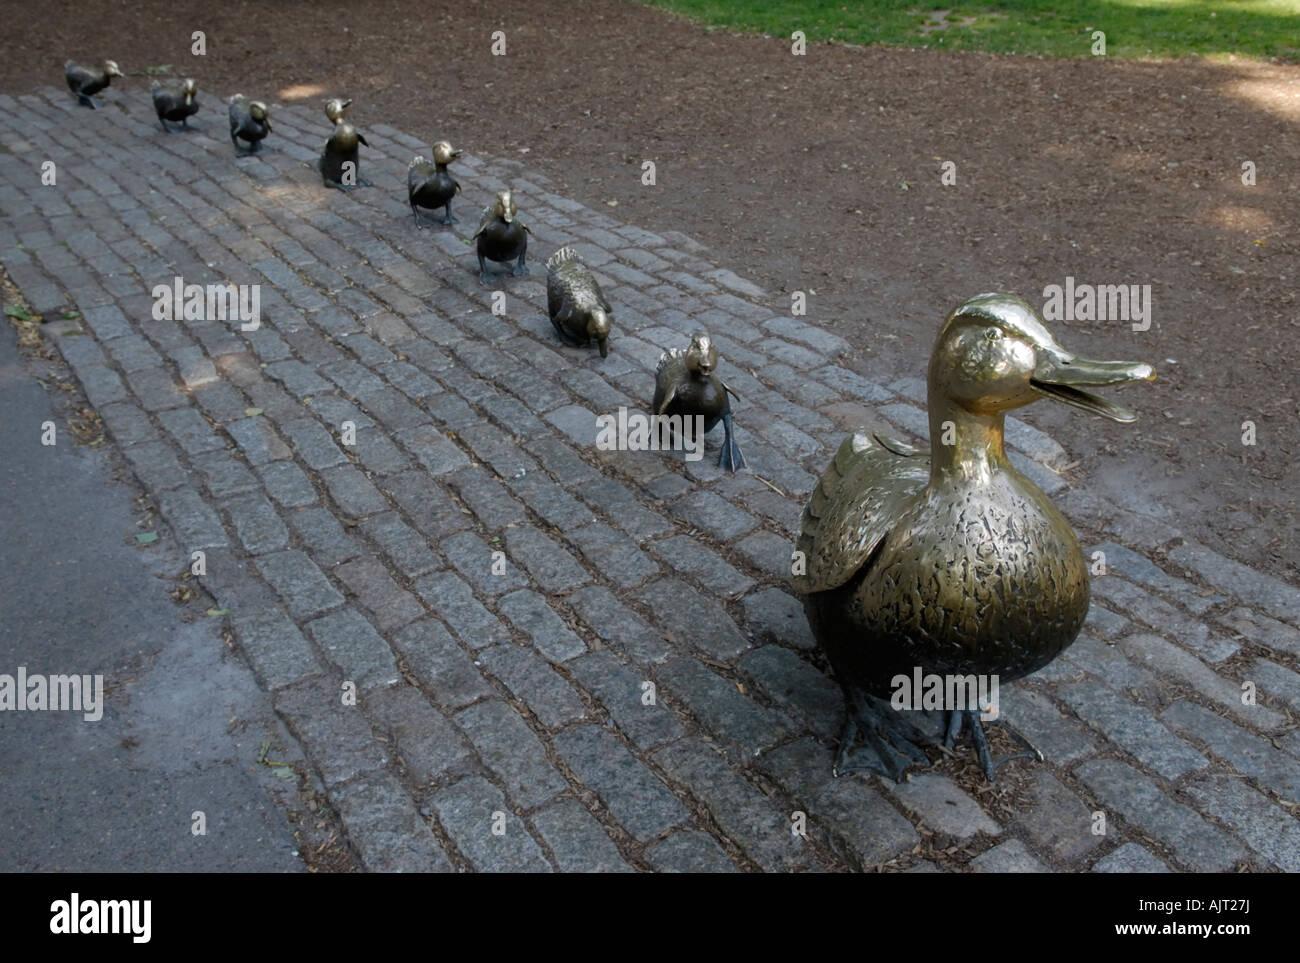 Des statues de cane et ses canetons de th children's book, 'Make Way pour les canetons', dans le Jardin Photo Stock